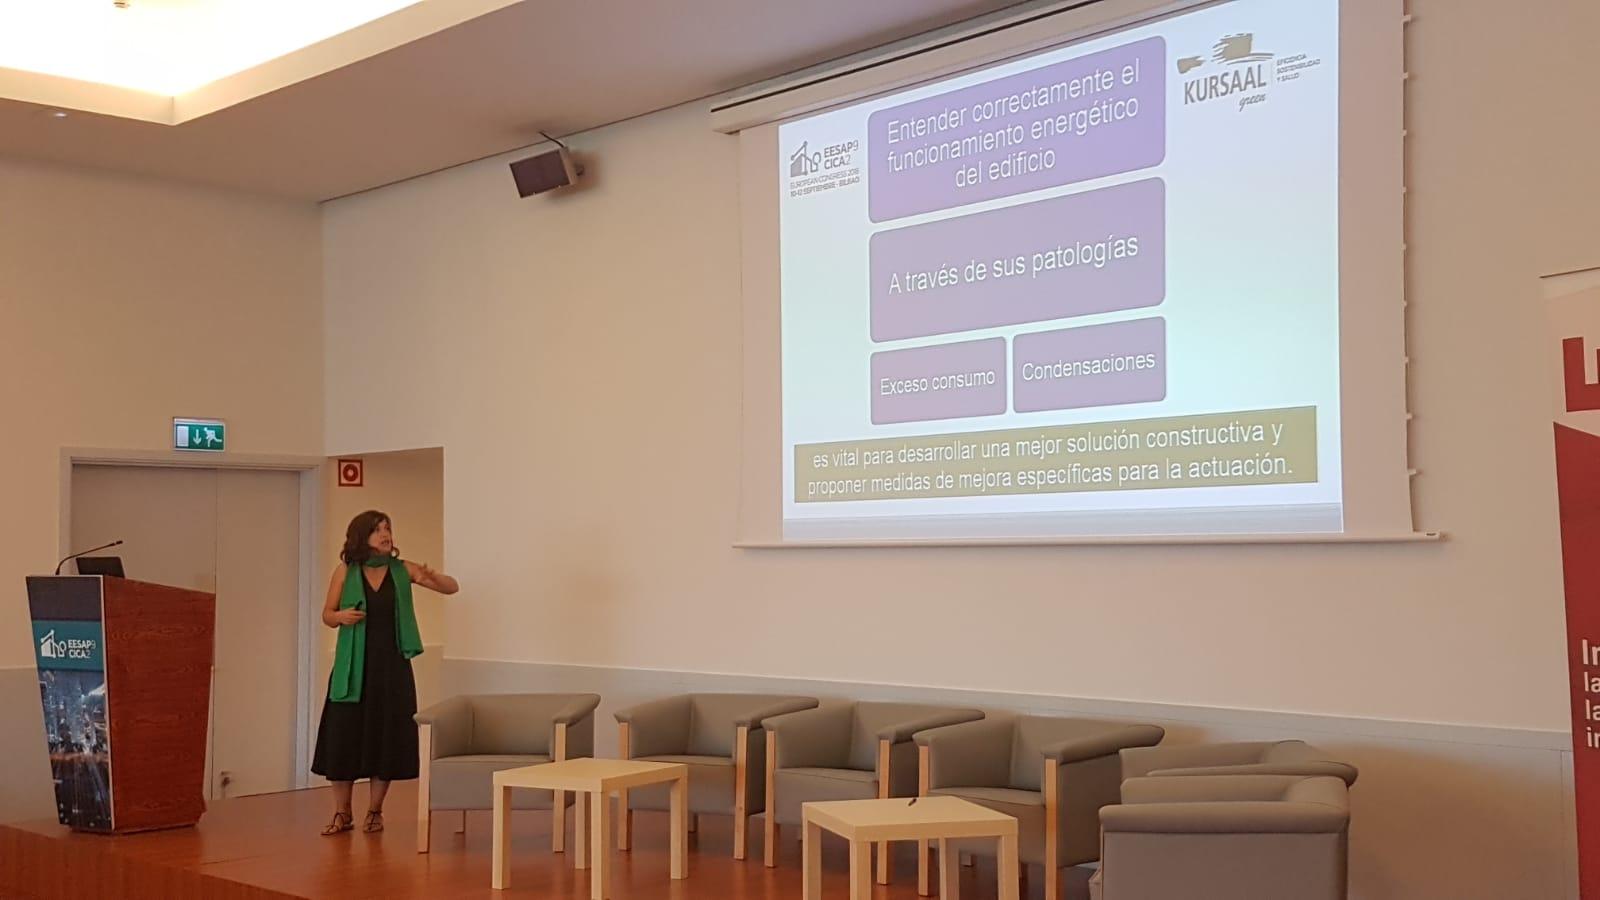 imagen 2 de noticia: nuevamente-kursaal-green-participamos-en-el-congreso-europeo-sobre-eficiencia-energtica-y-sostenibilidad-en-arquitectura-y-urbanismo-eesap